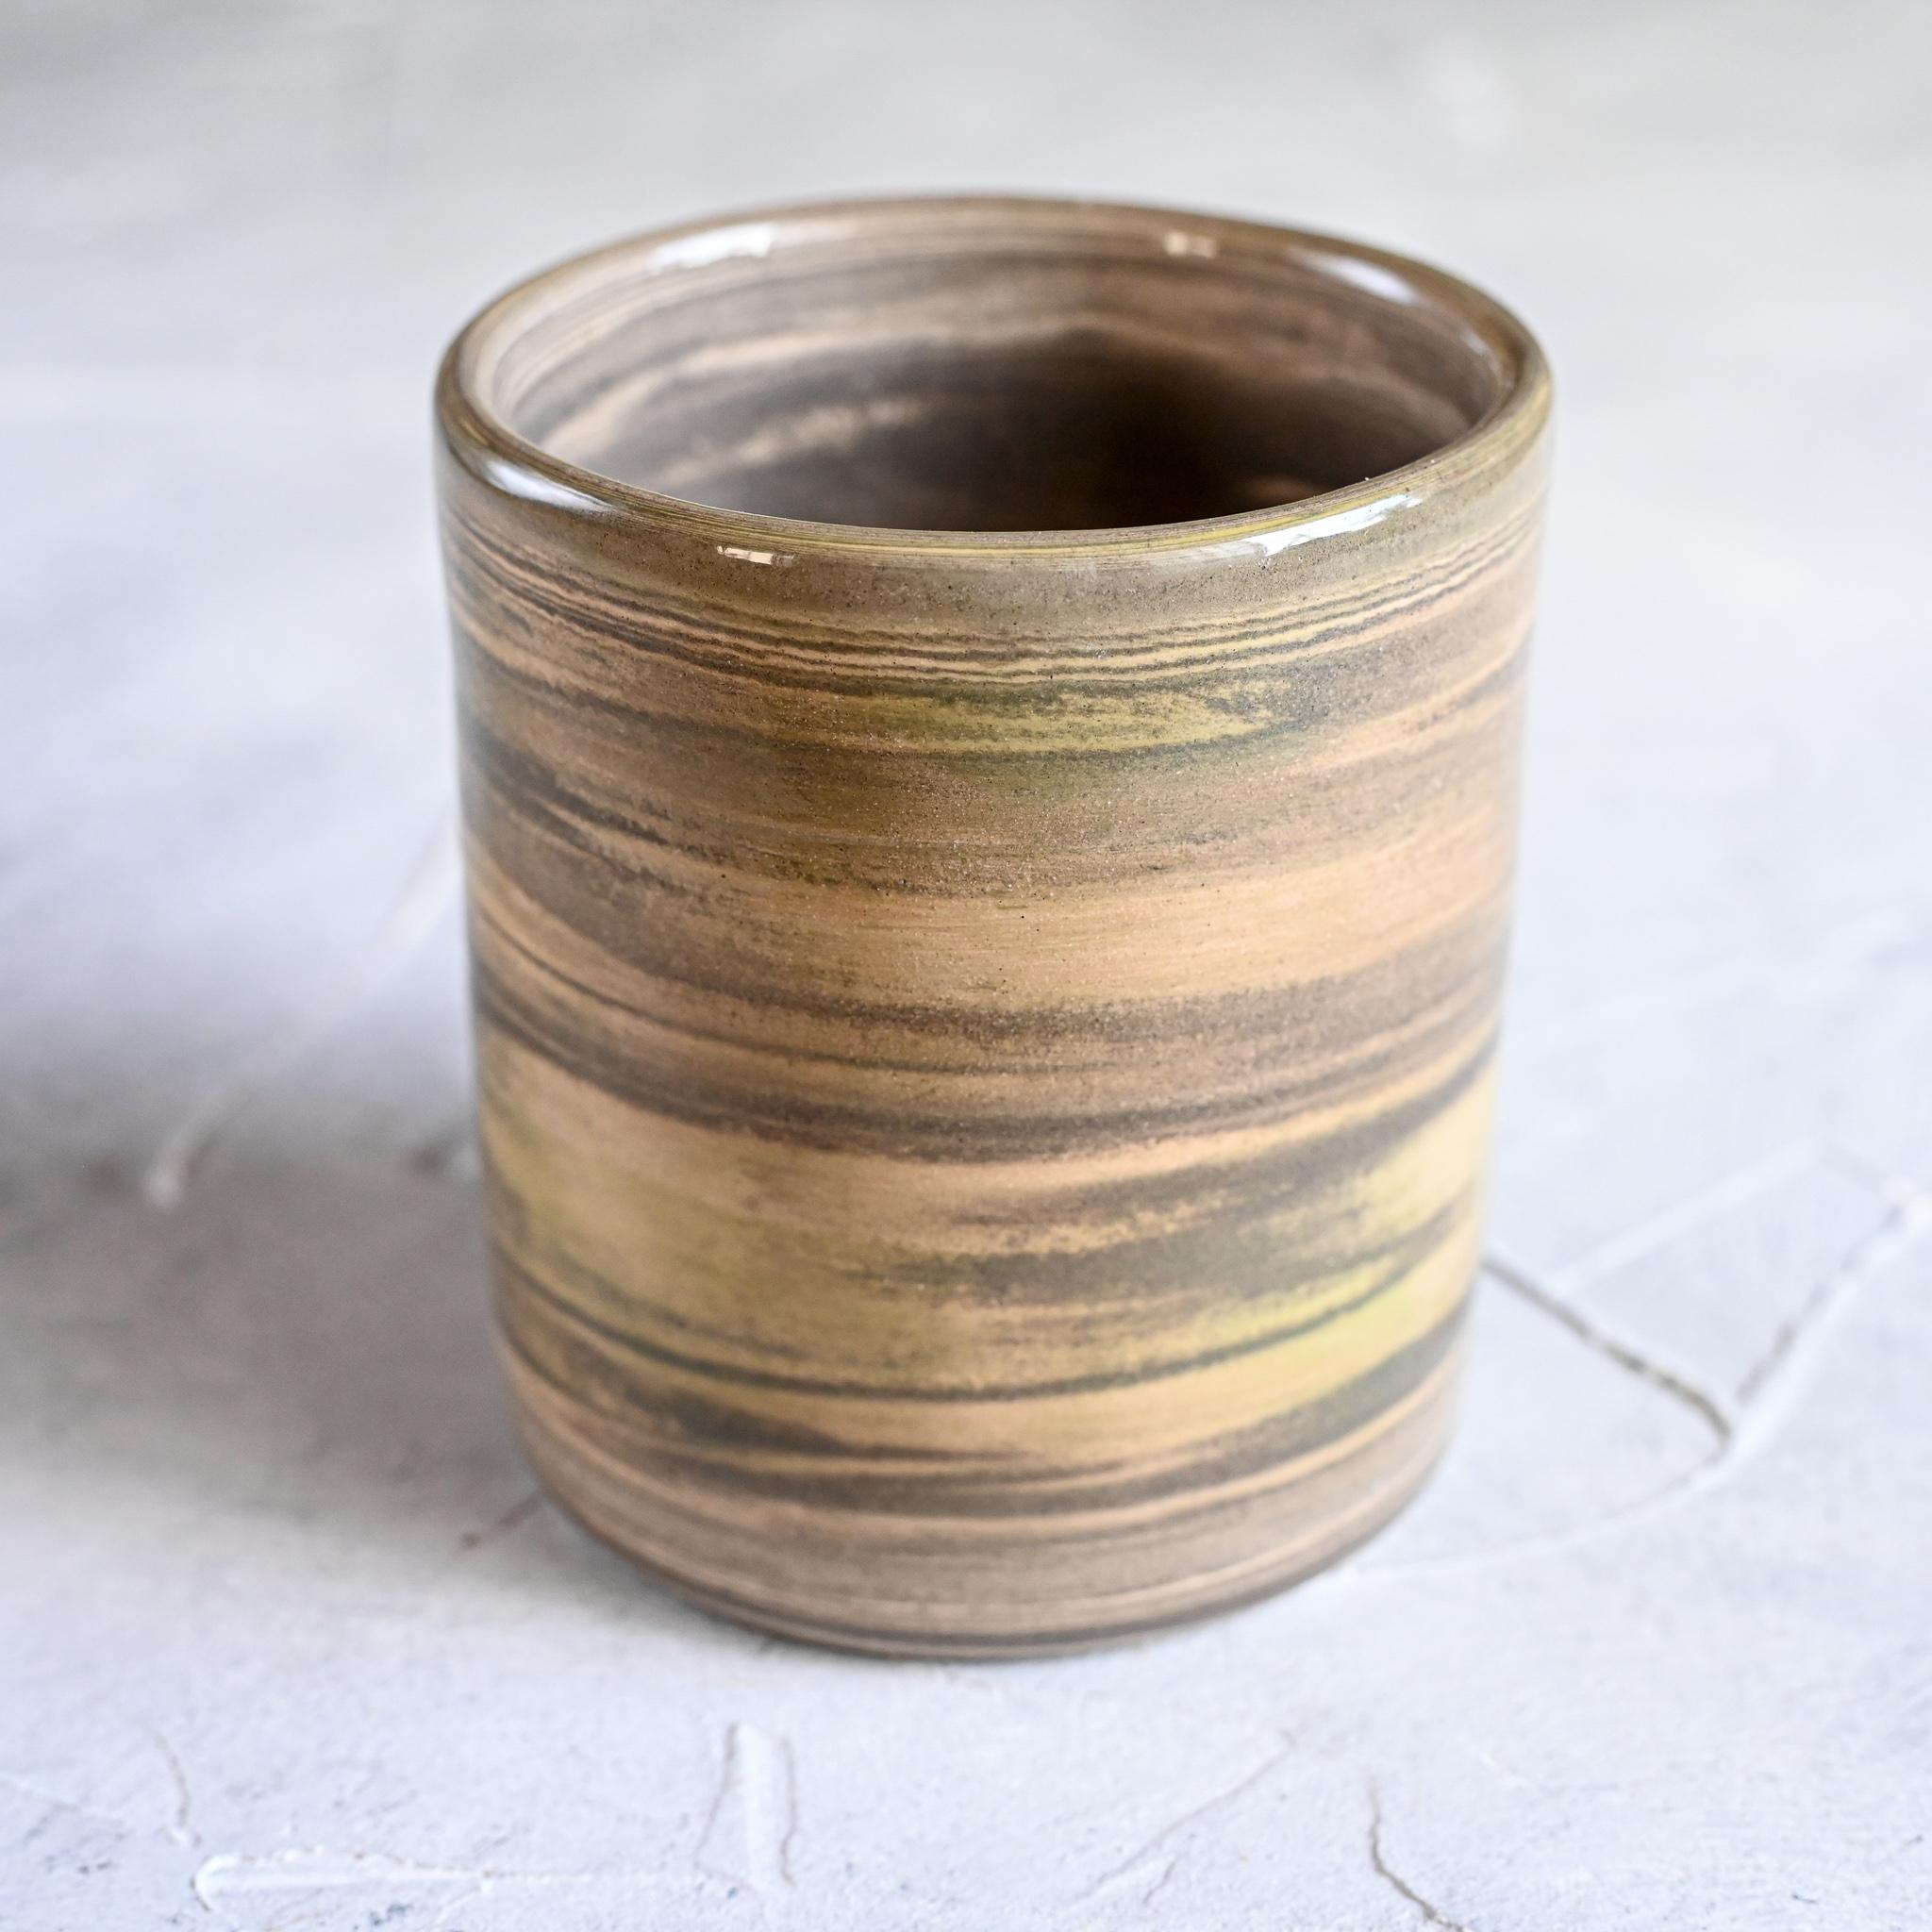 картинка Керамический стакан в технике нерияге 1 - DishWishes.Ru